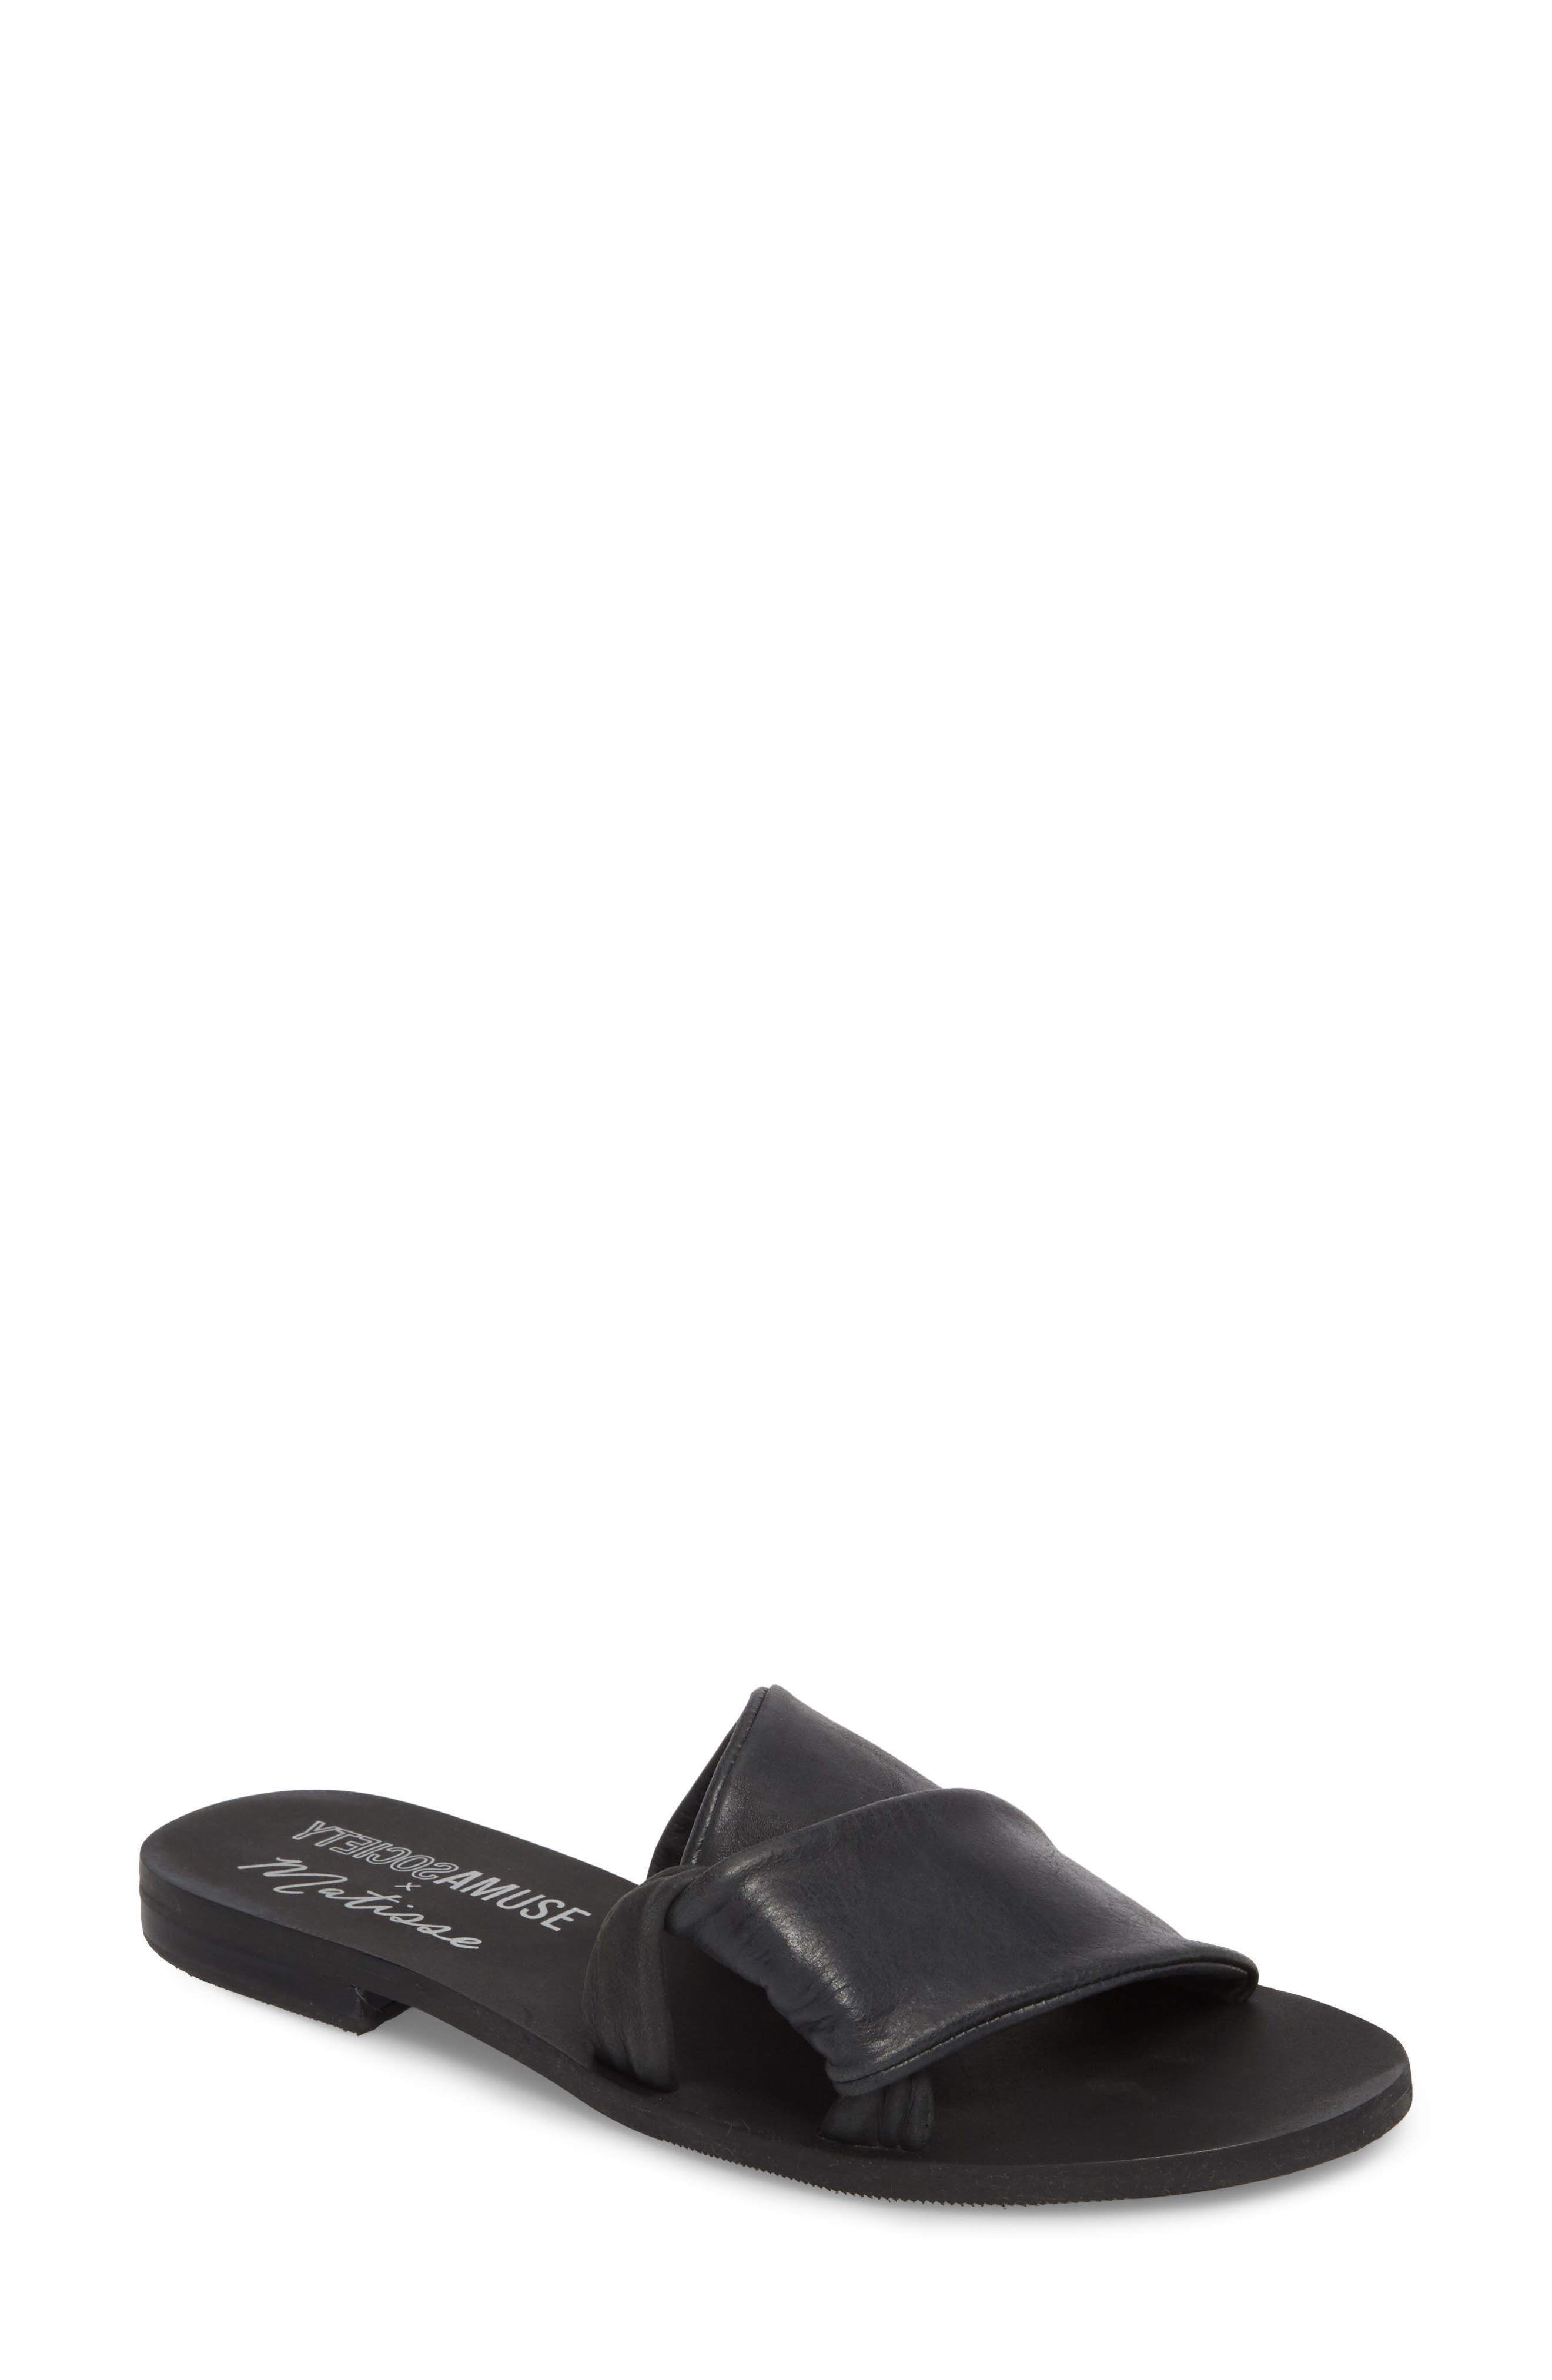 Amuse Society X Matisse Capri Slide Sandal